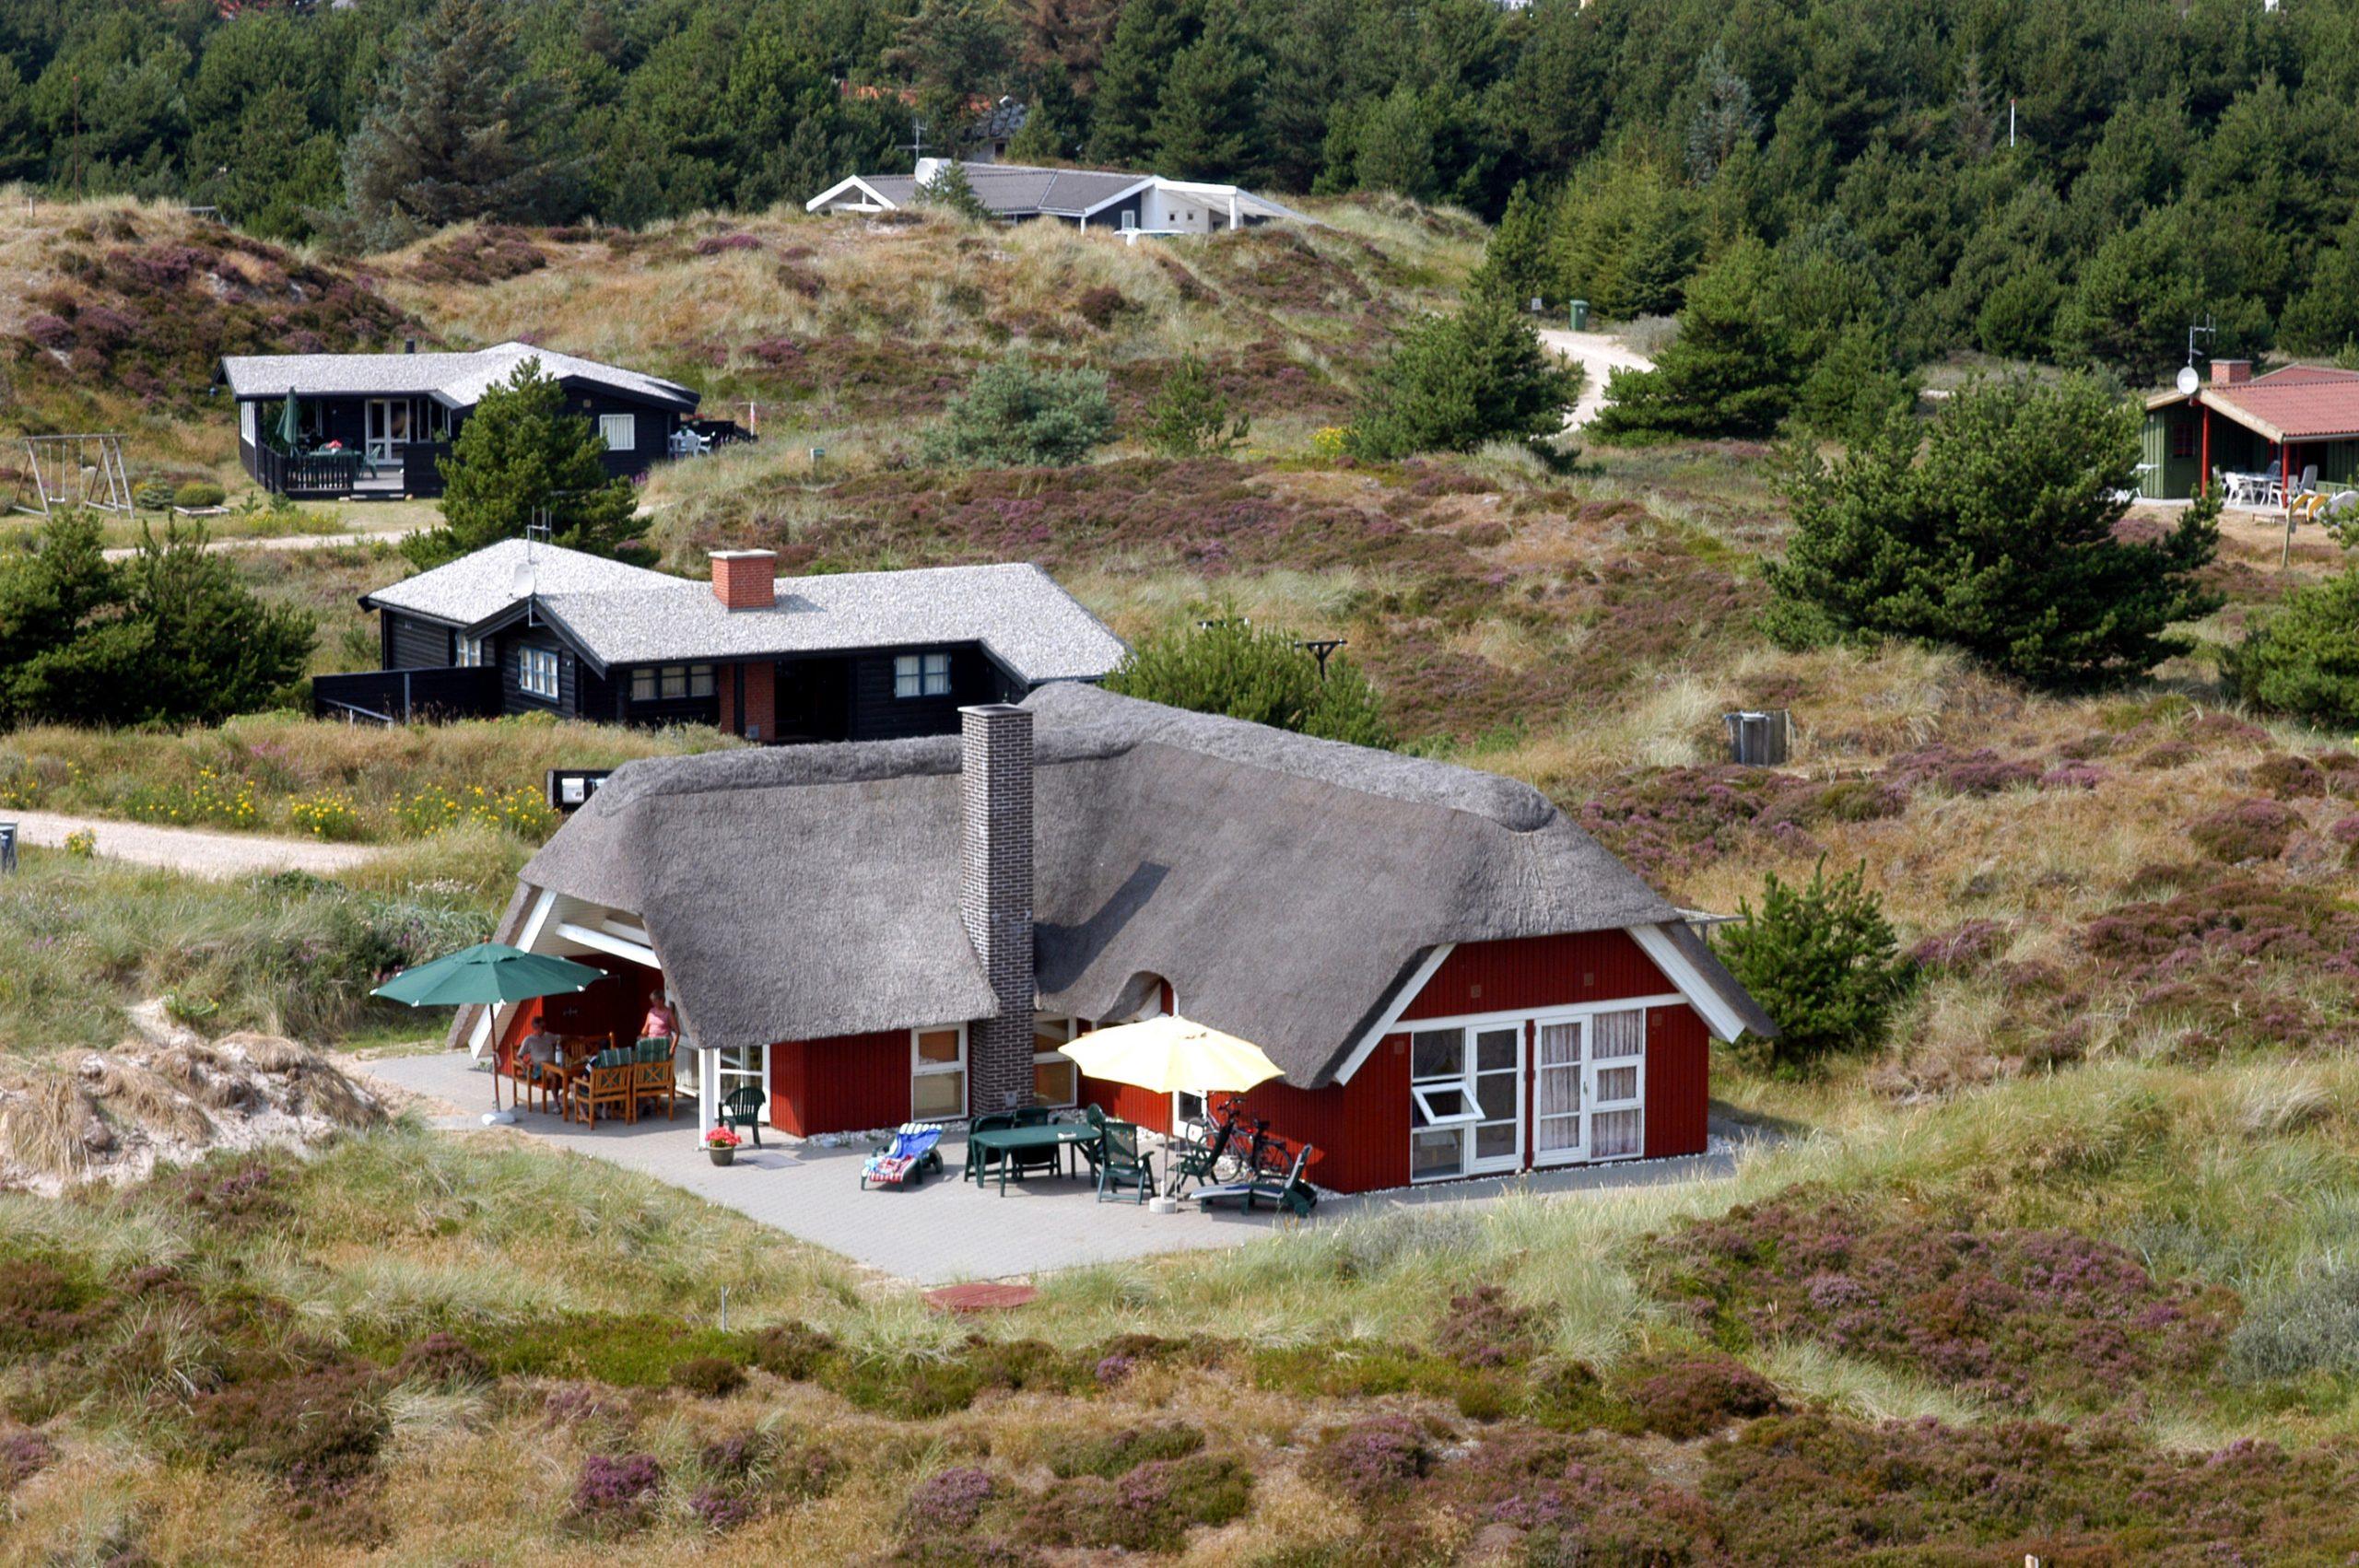 Overnatninger i danske sommerhuse og ferieboliger er den overnatningsform, flest udenlandske turister benytter sig af i Danmark. Arkivpressefoto: VisitDenmark.